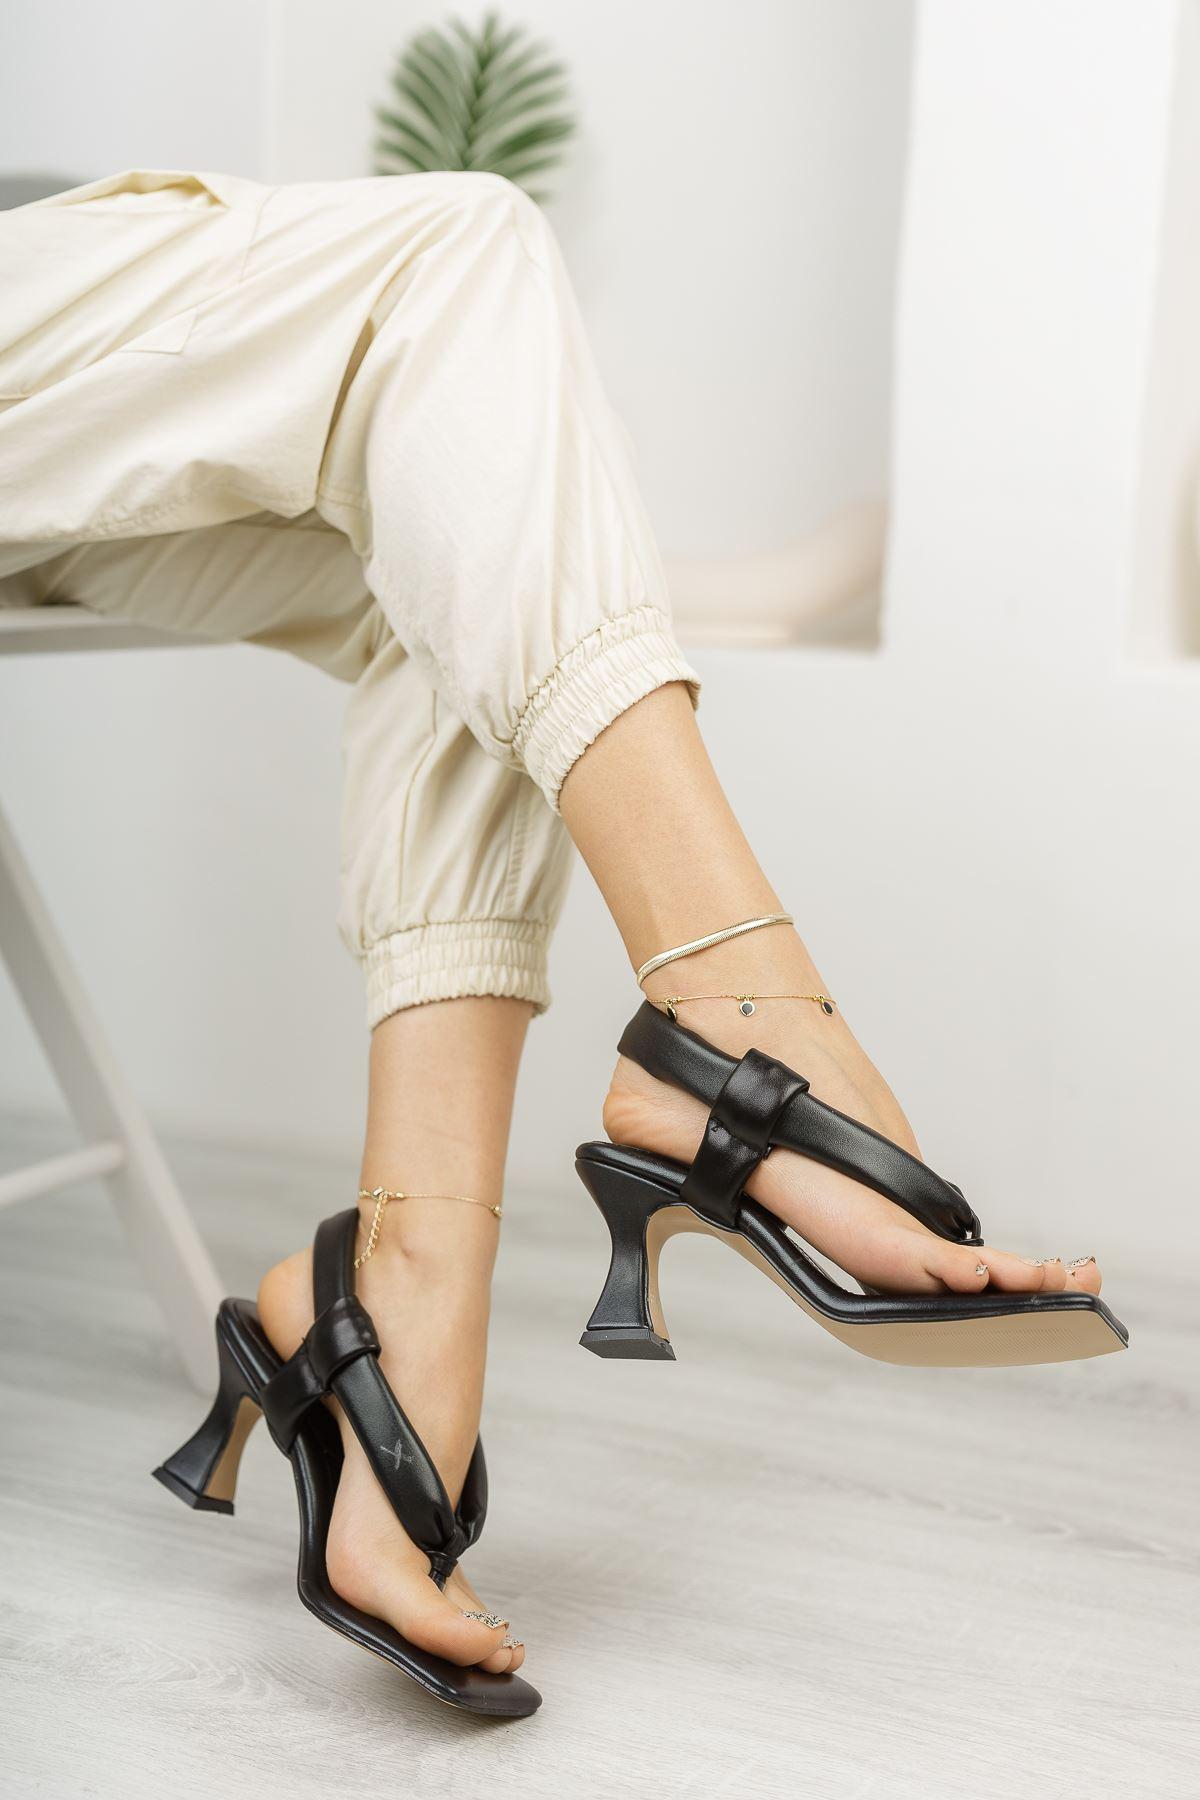 Kadın Gianna Şişme Kemer Detaylı Parmak Arası Siyah Topuklu Ayakkabı